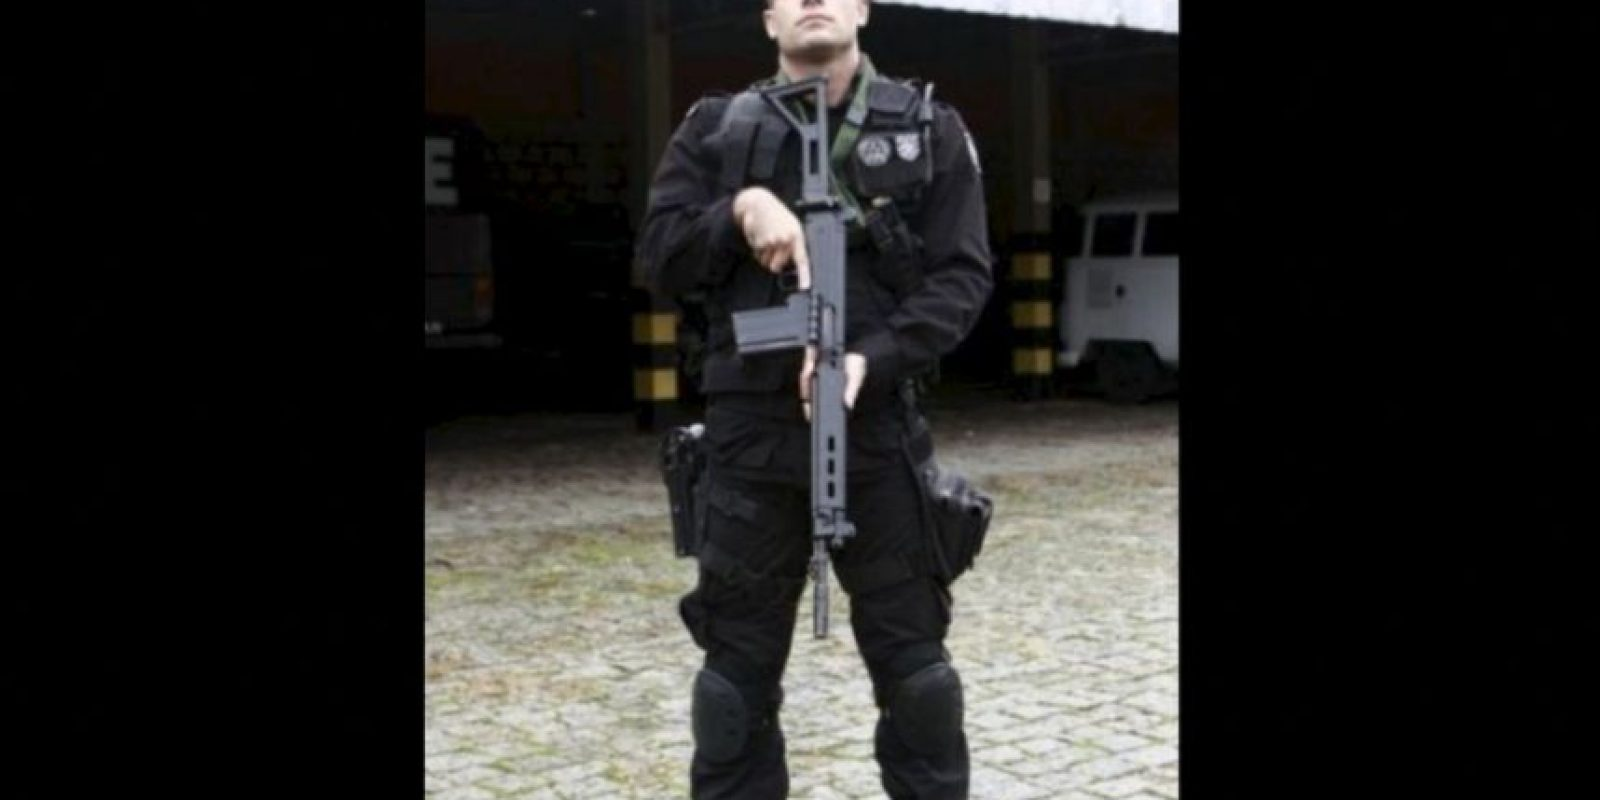 Es un apuesto teniente del Batallón de Operaciones Especiales en Brasil. Foto:Vía Instagram/LuciusCarvalho